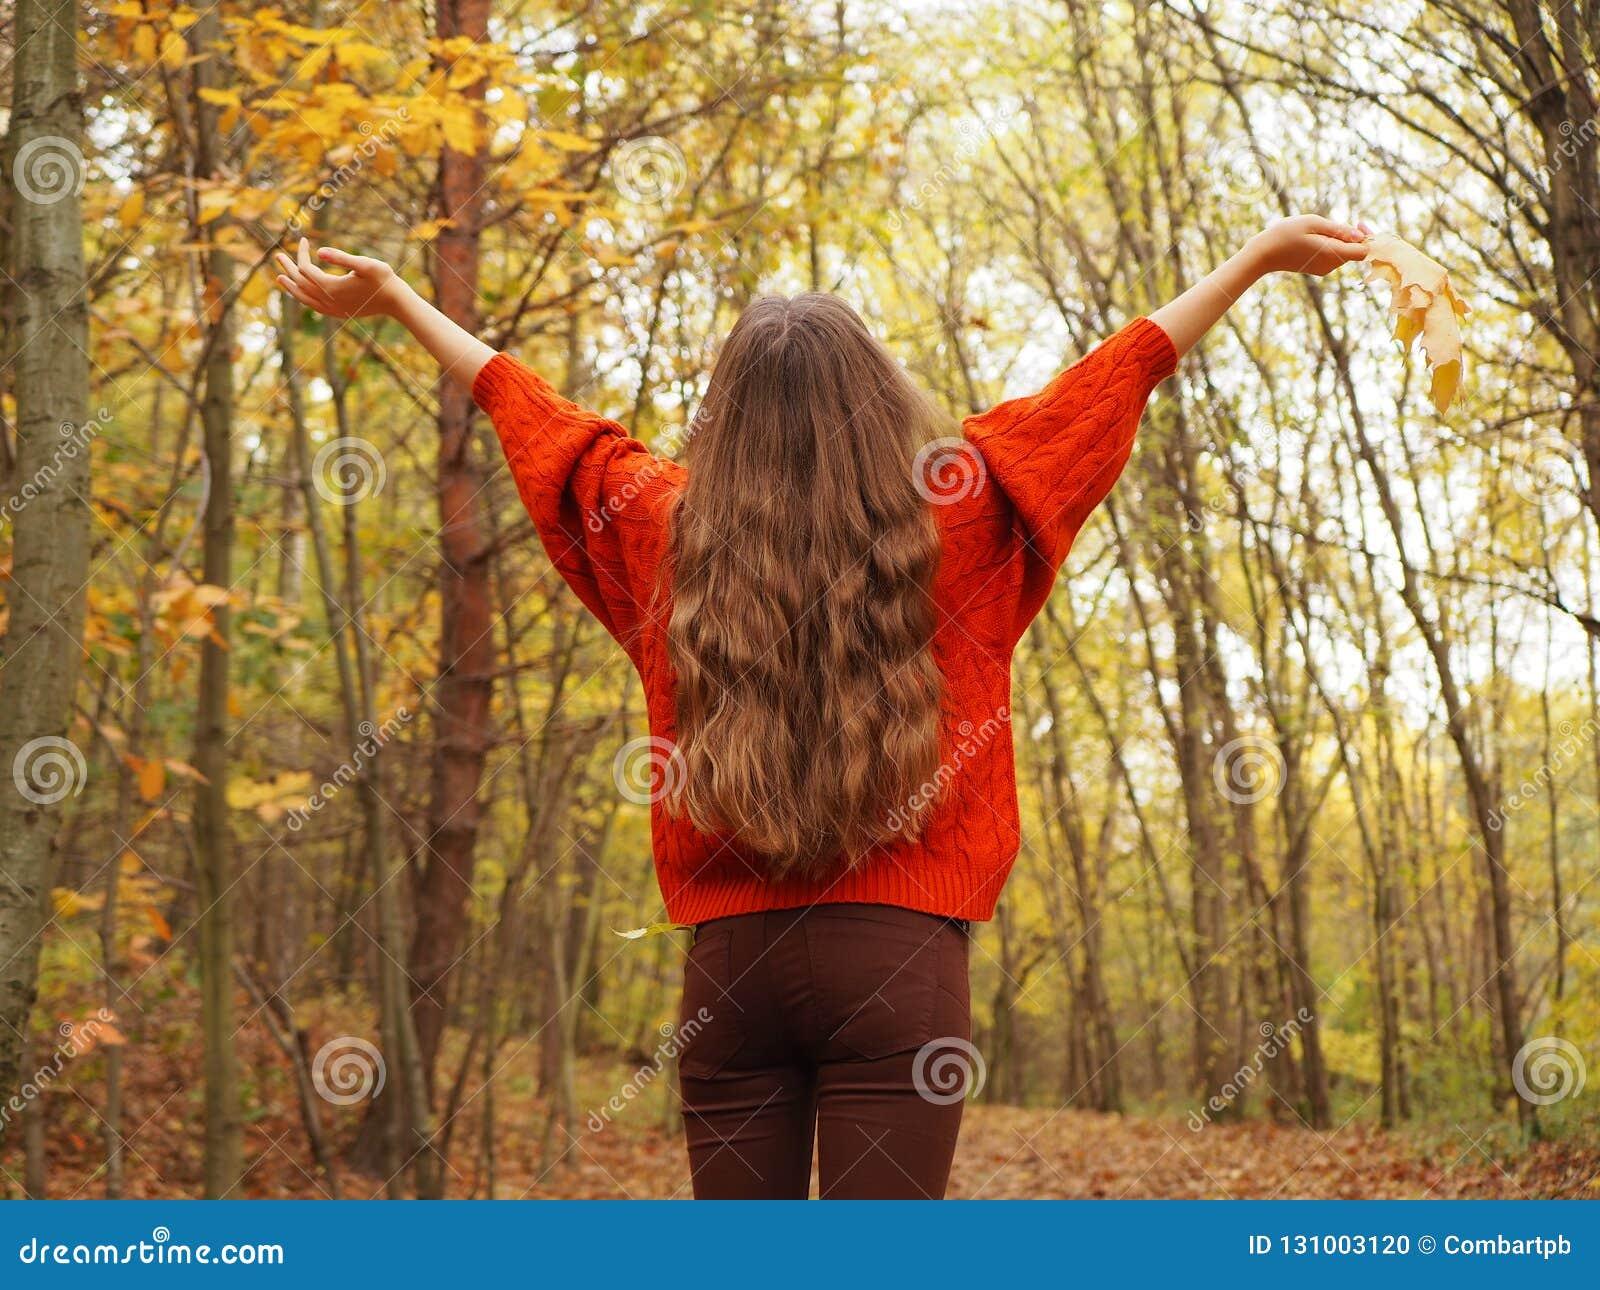 Un adolescent soulevant ses mains avec joie Une fille utilisant le chandail orange et les jeans bruns